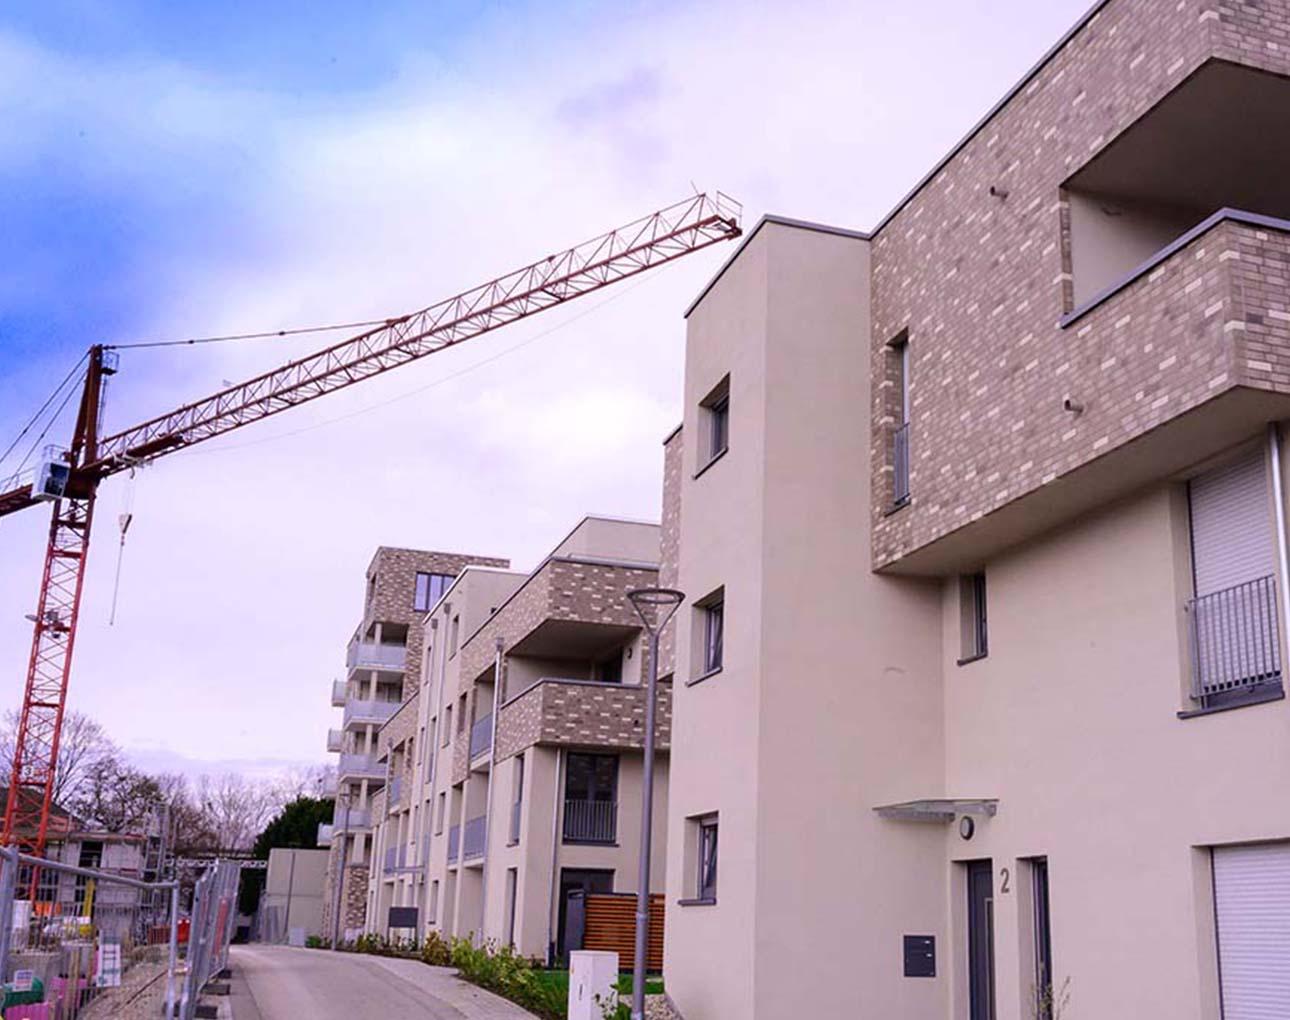 Wohnungsbaugesellschaft Bruchsal